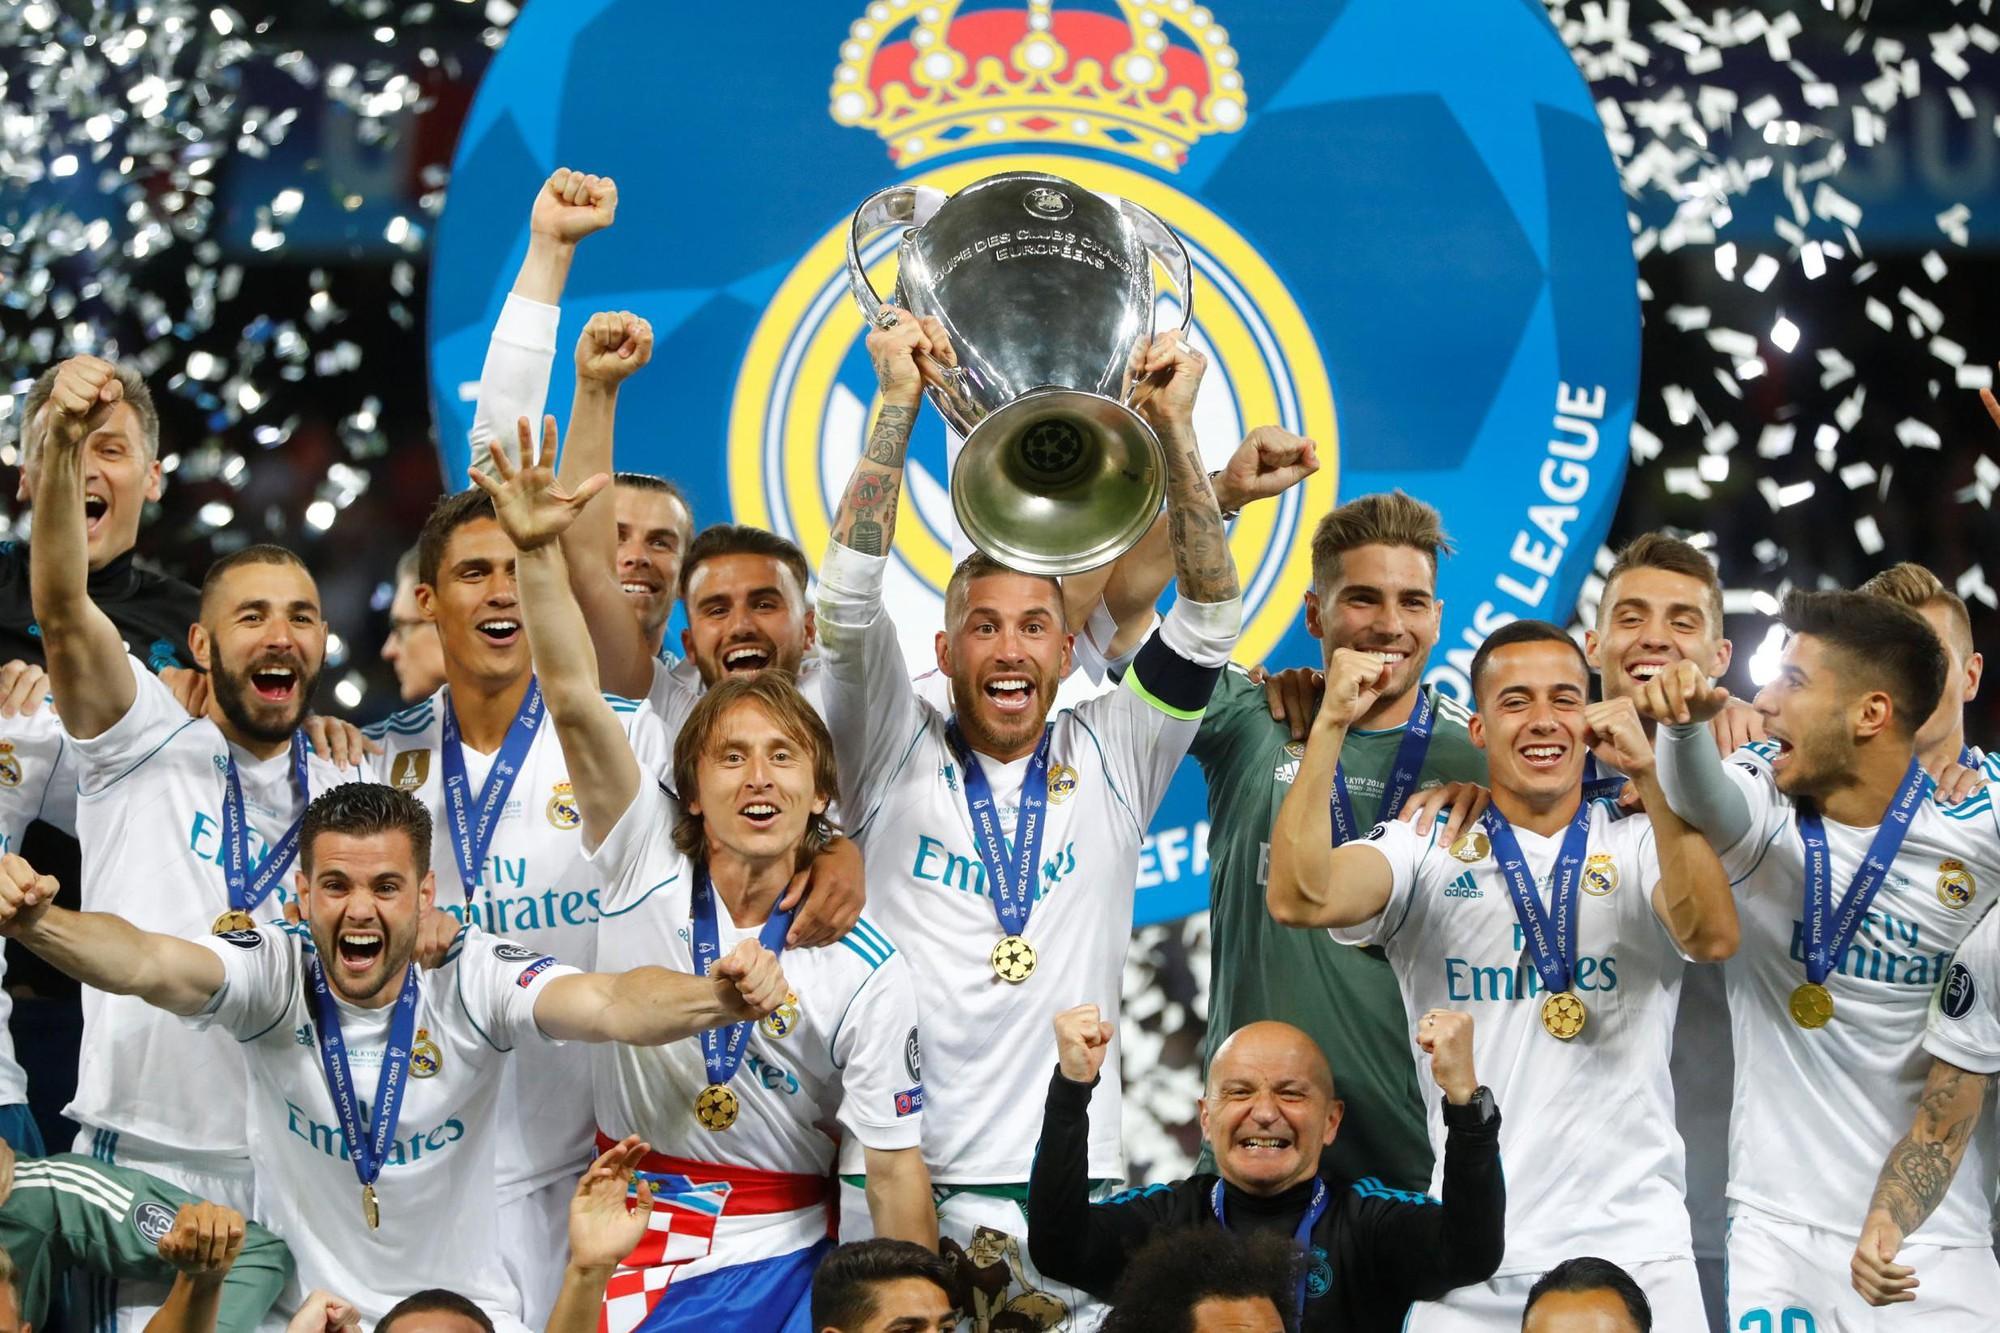 Kỷ lục đợi Real Madrid san phẳng và những thống kê thú vị trận gặp AS Roma - Ảnh 2.